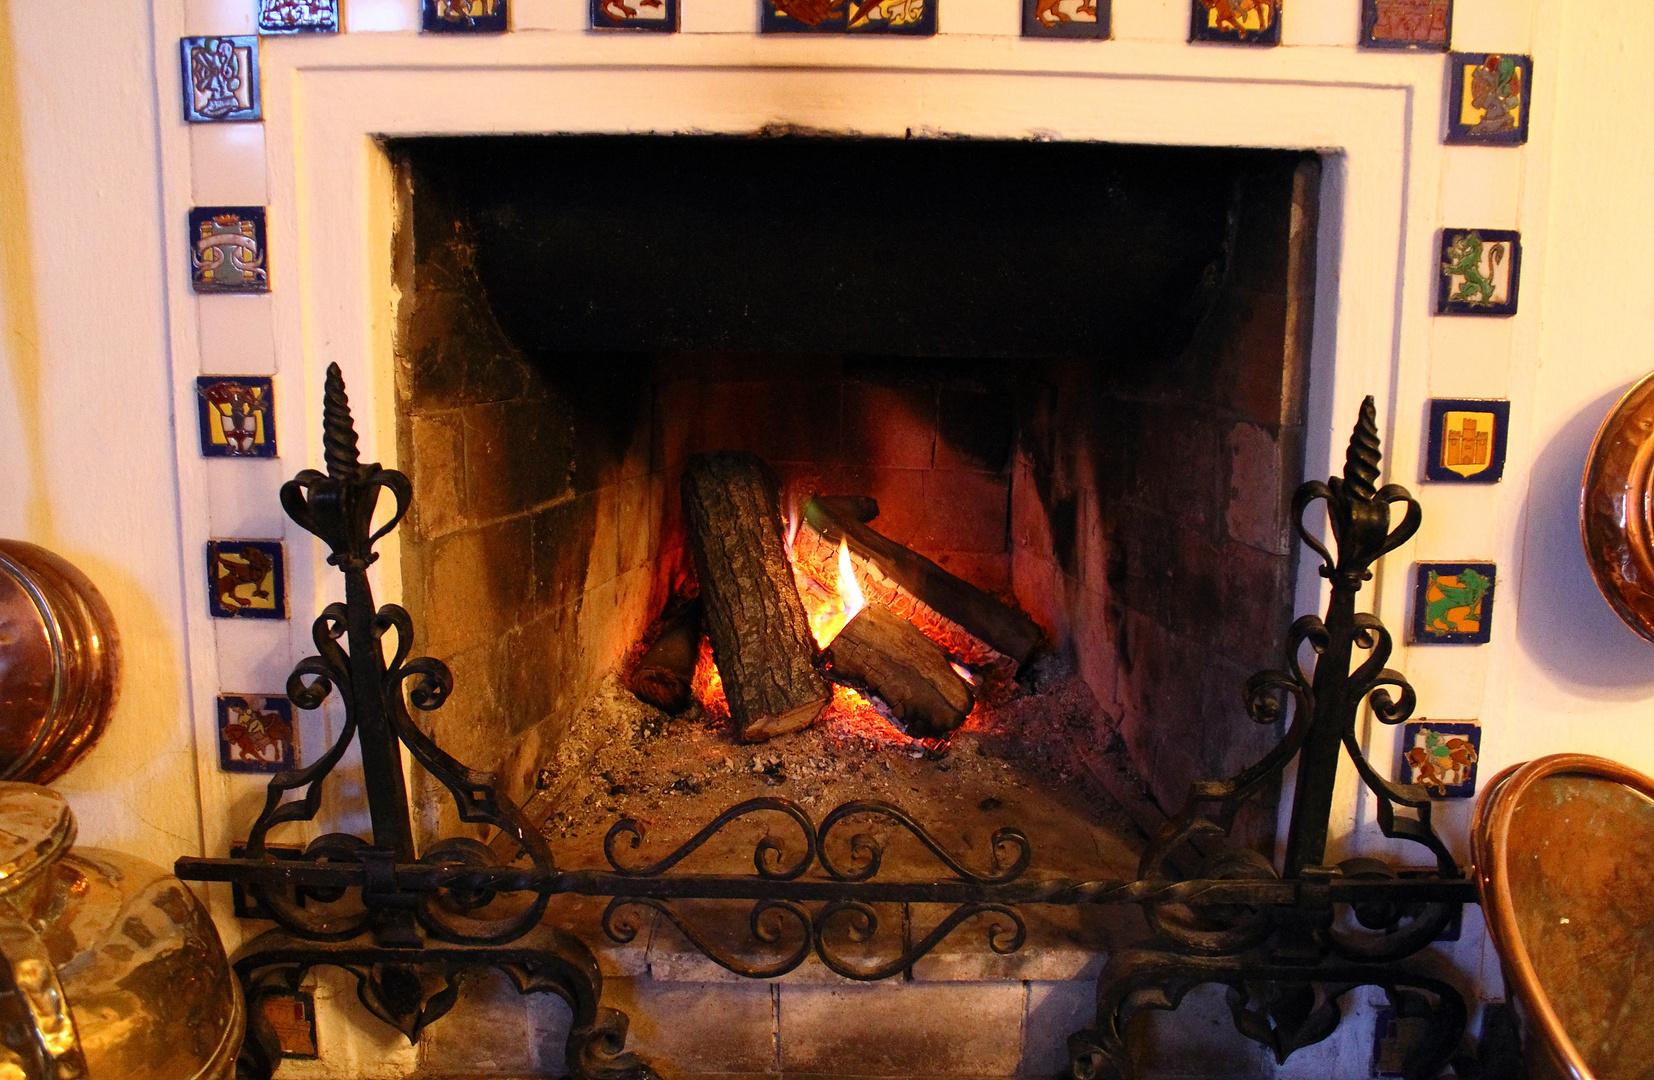 Arde la leña en mi hogar